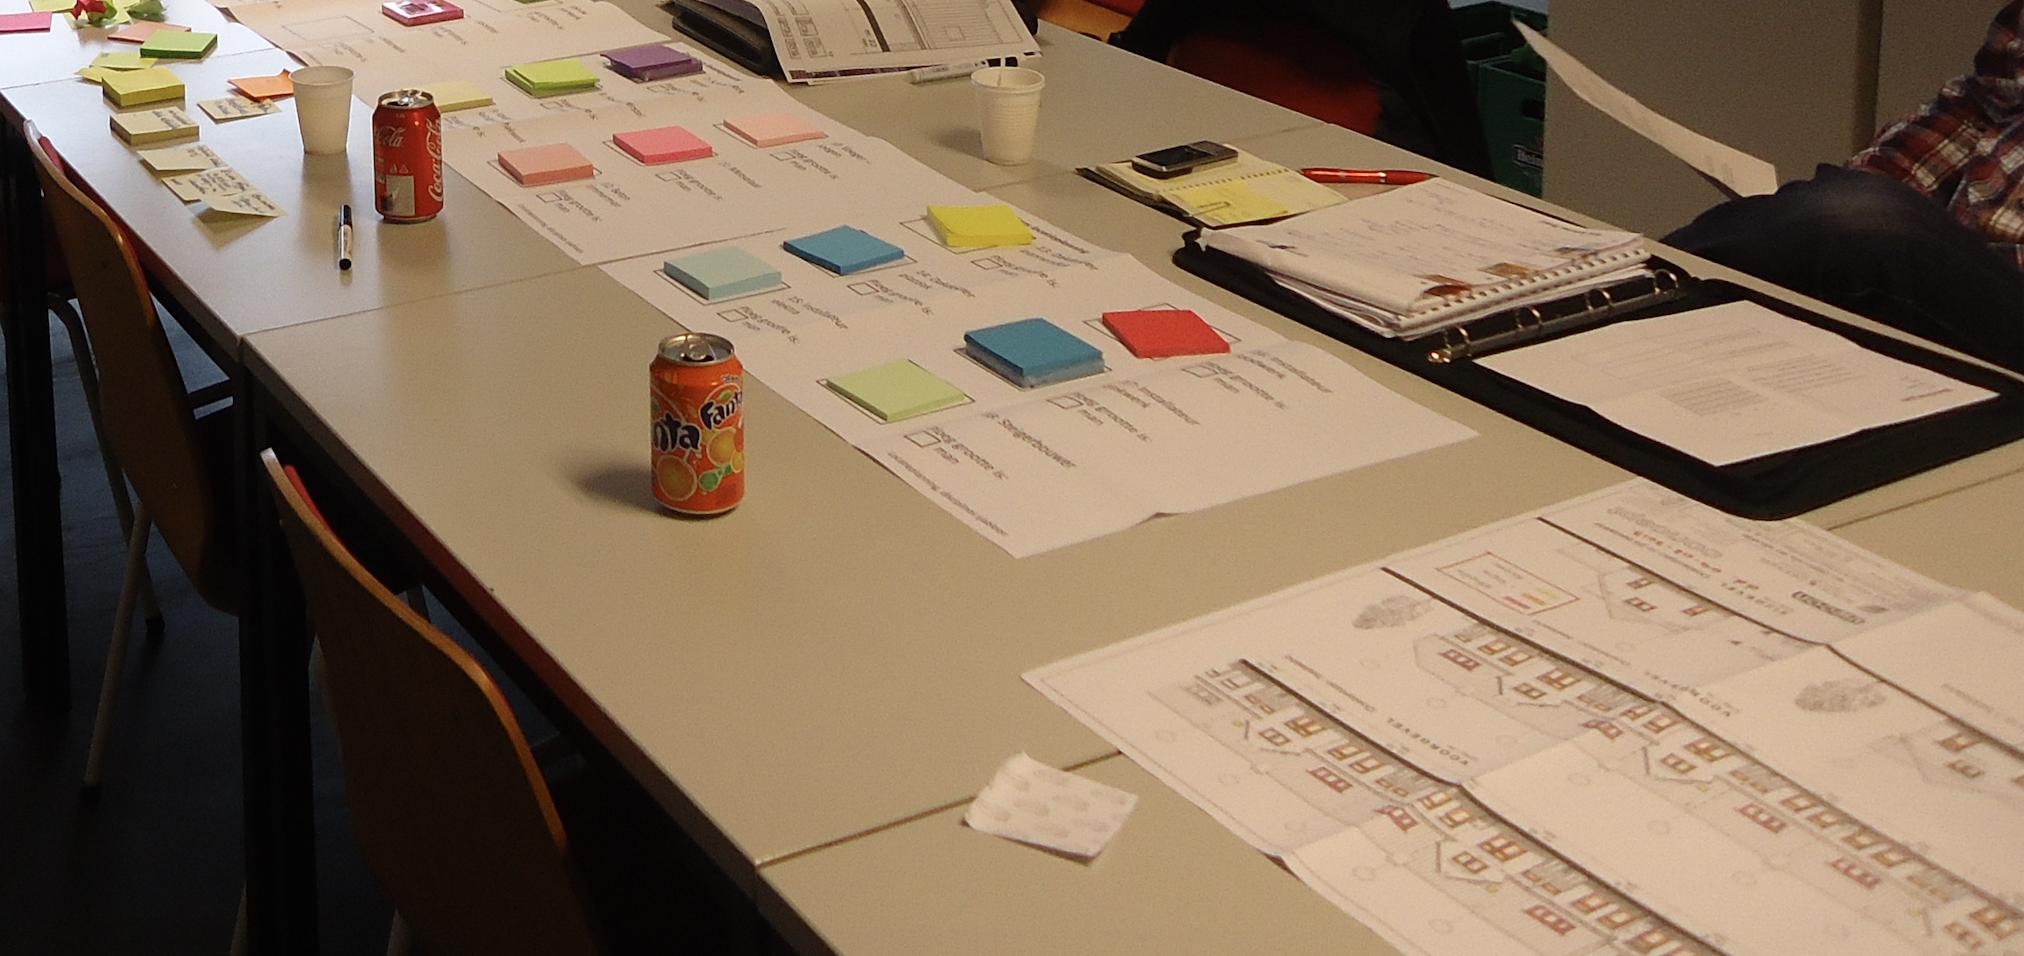 Klaar voor de lean(planning)sessies